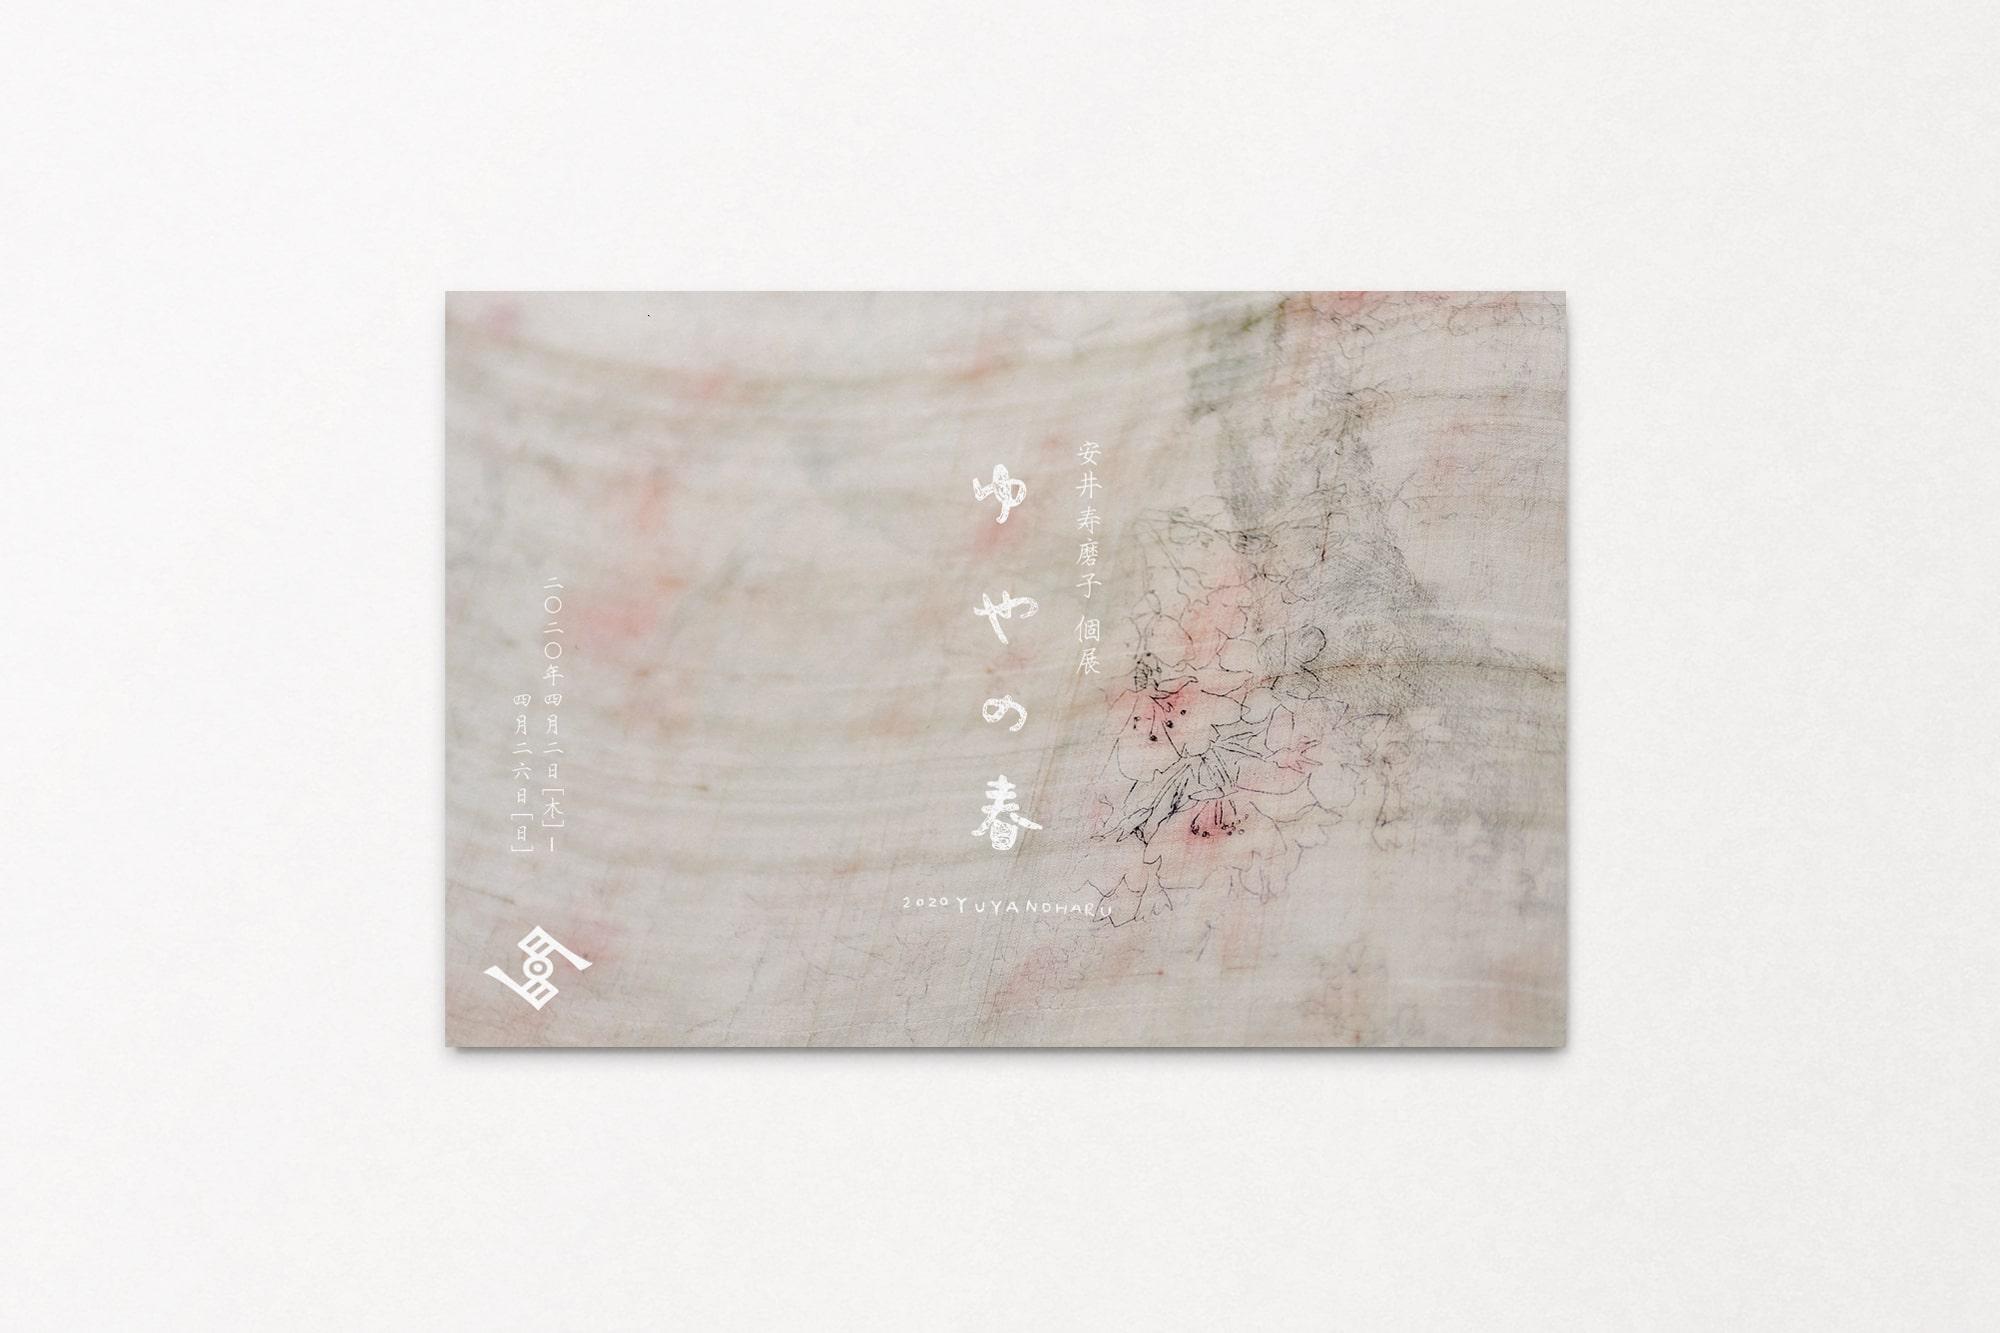 安井寿磨子 個展「ゆやの春」